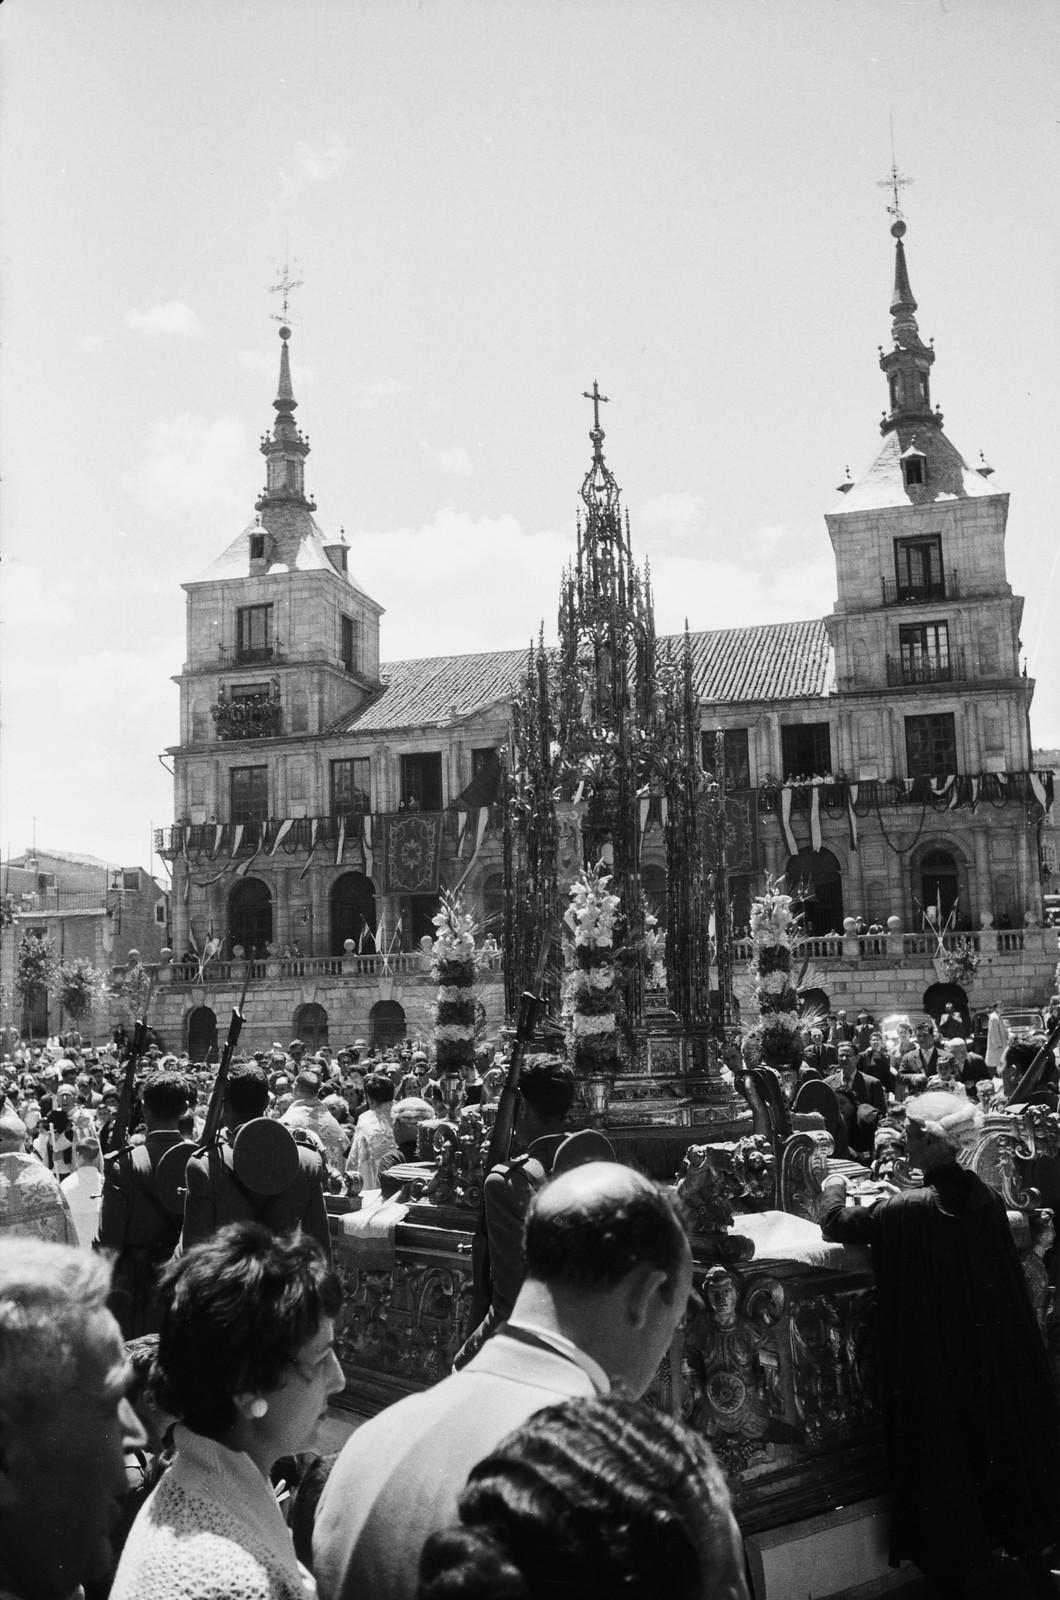 Custodia de Arfe frente al Ayuntamiento en la Procesión del Corpus Christi de Toledo en 1955 © ETH-Bibliothek Zurich